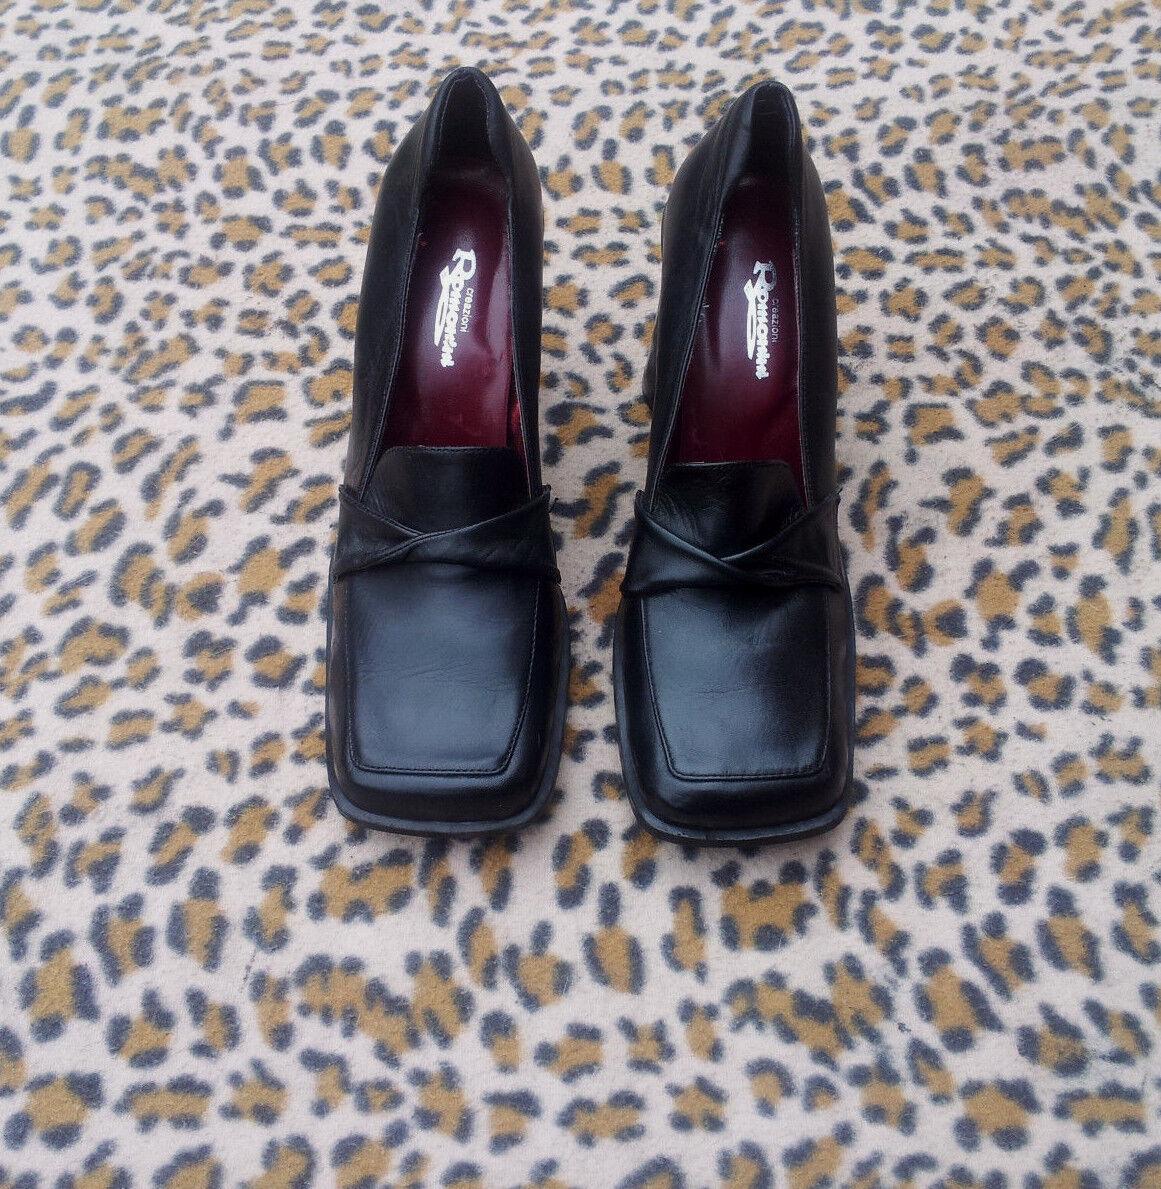 roFemmeini roFemmeini roFemmeini creazioni vintage de chaussures noires taille 38, 93790d